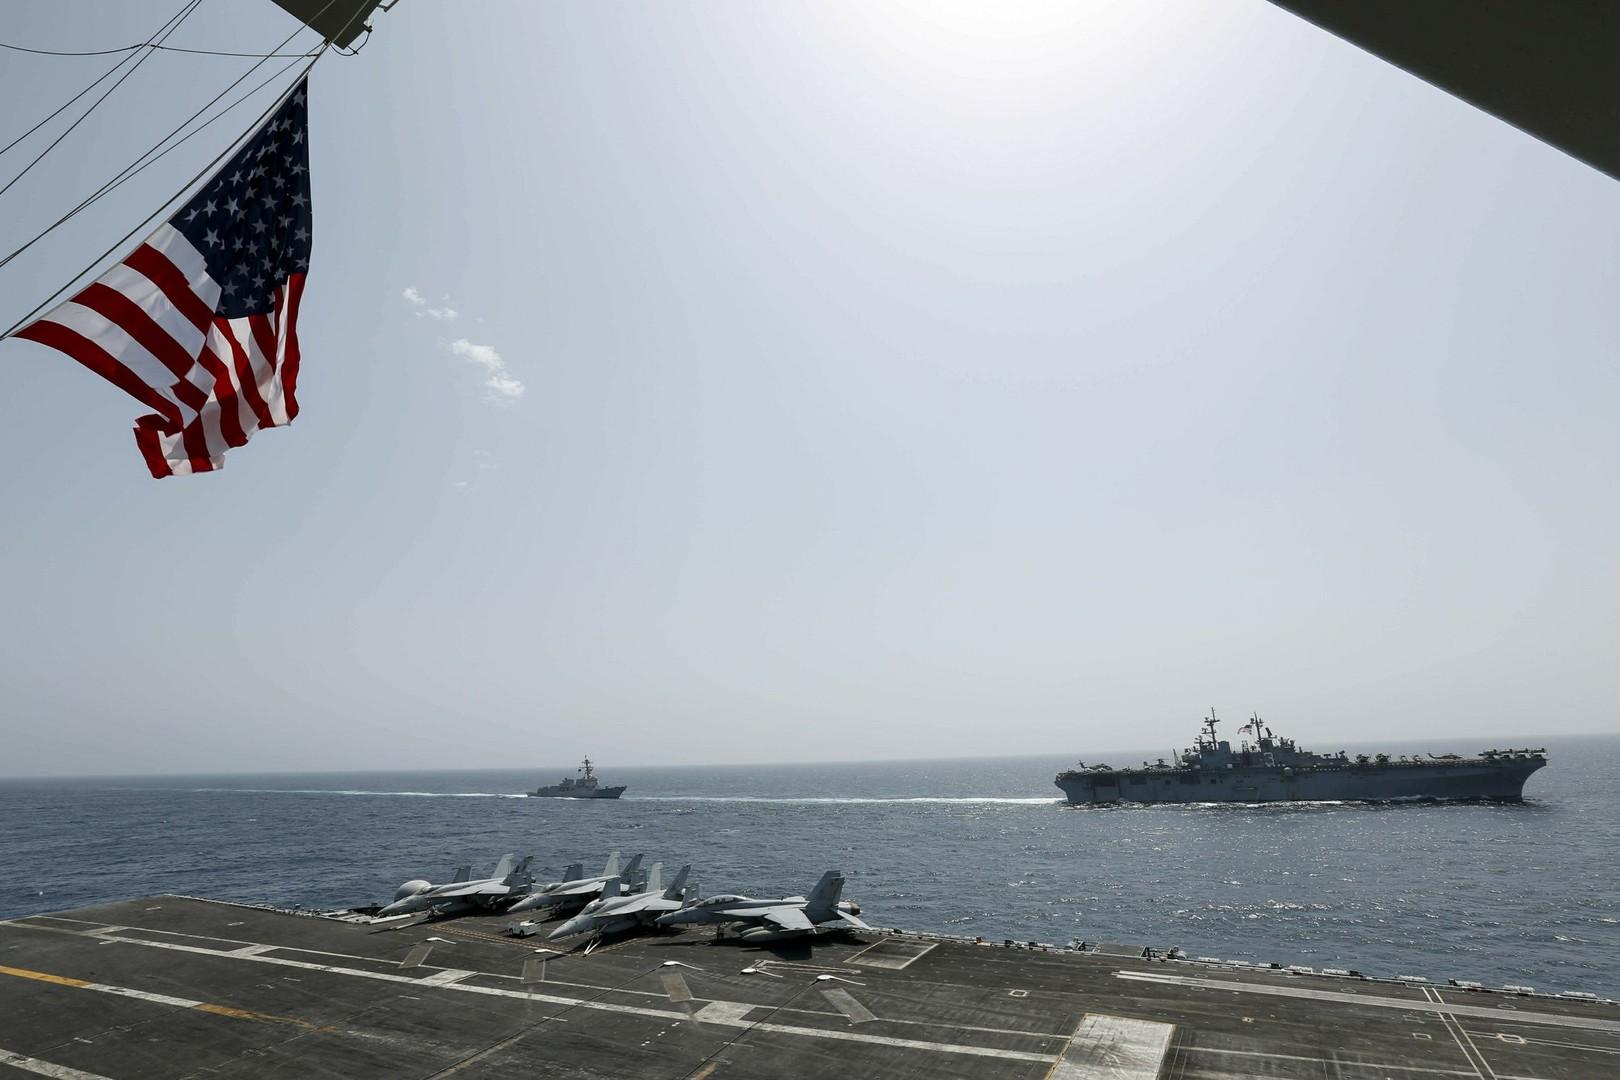 بالصور.. الولايات المتحدة تنفذ مناورات في الخليج بمشاركة